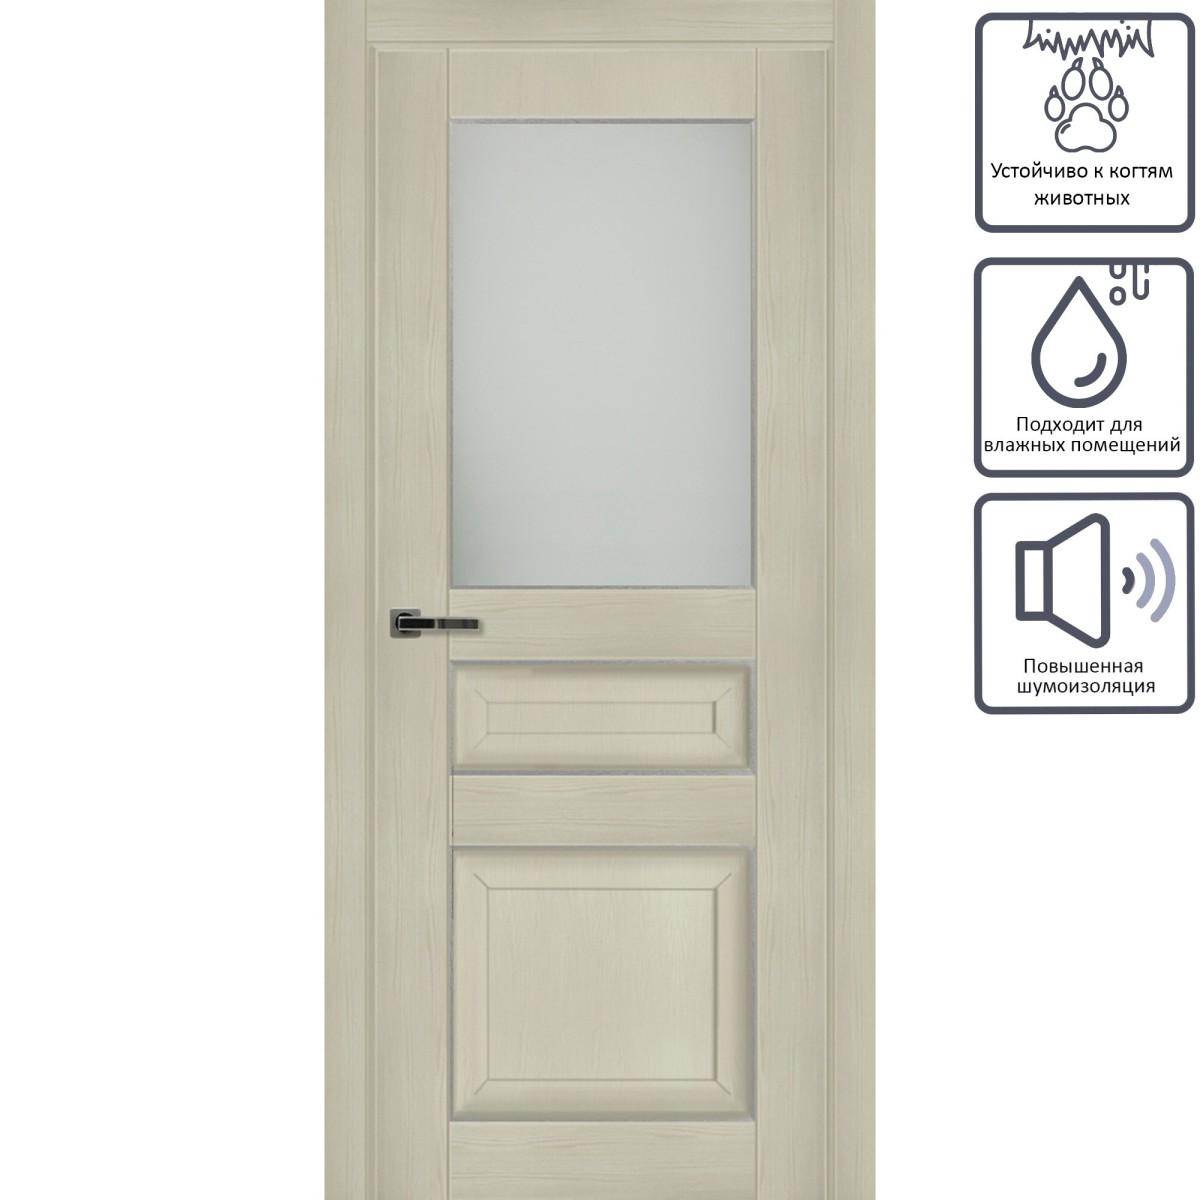 Дверь межкомнатная глухая с замком в комплекте Дерби 2000x900 мм CPL цвет белый